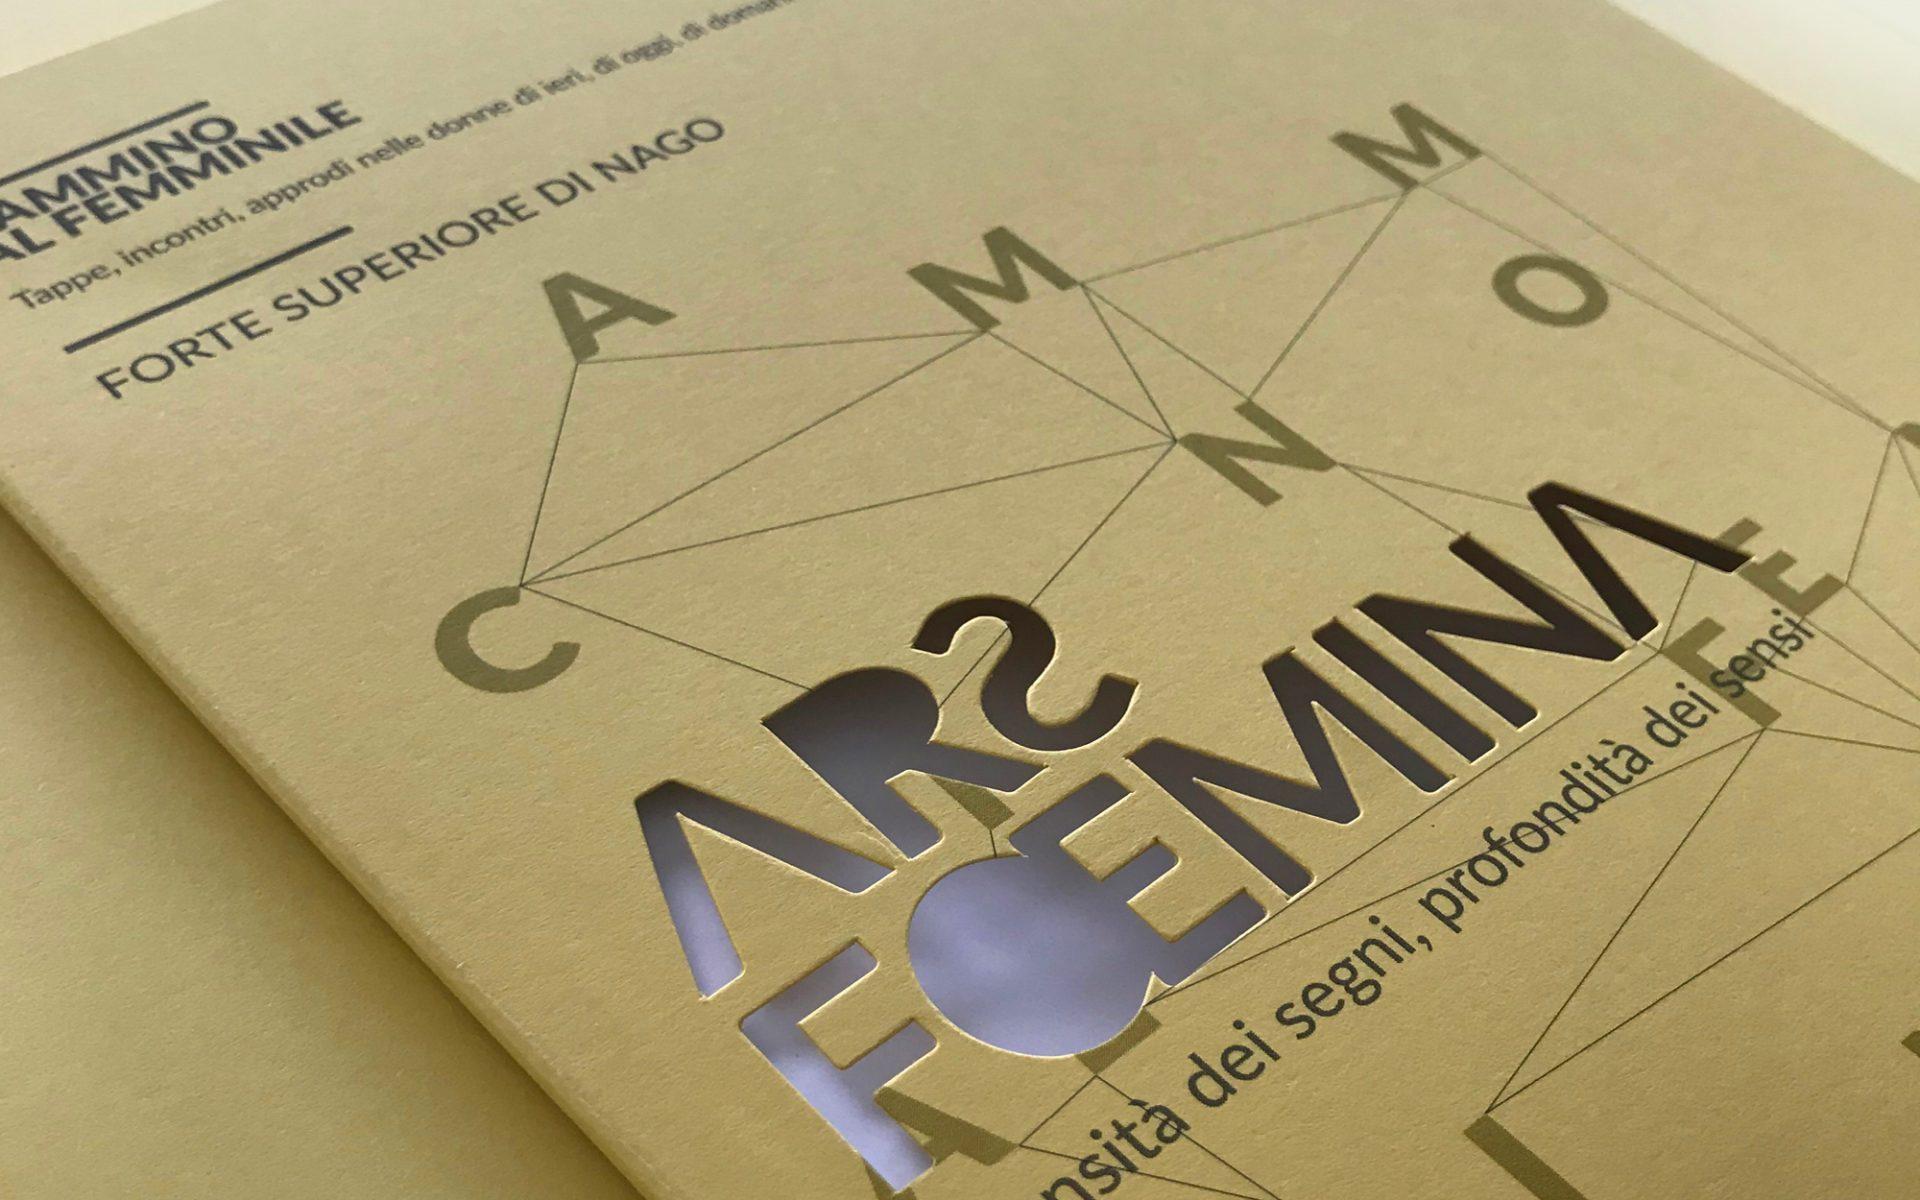 dettaglio del catalogo fustellato, progettato da Diadestudio per la mostra di arte al femminile Ars Foemina